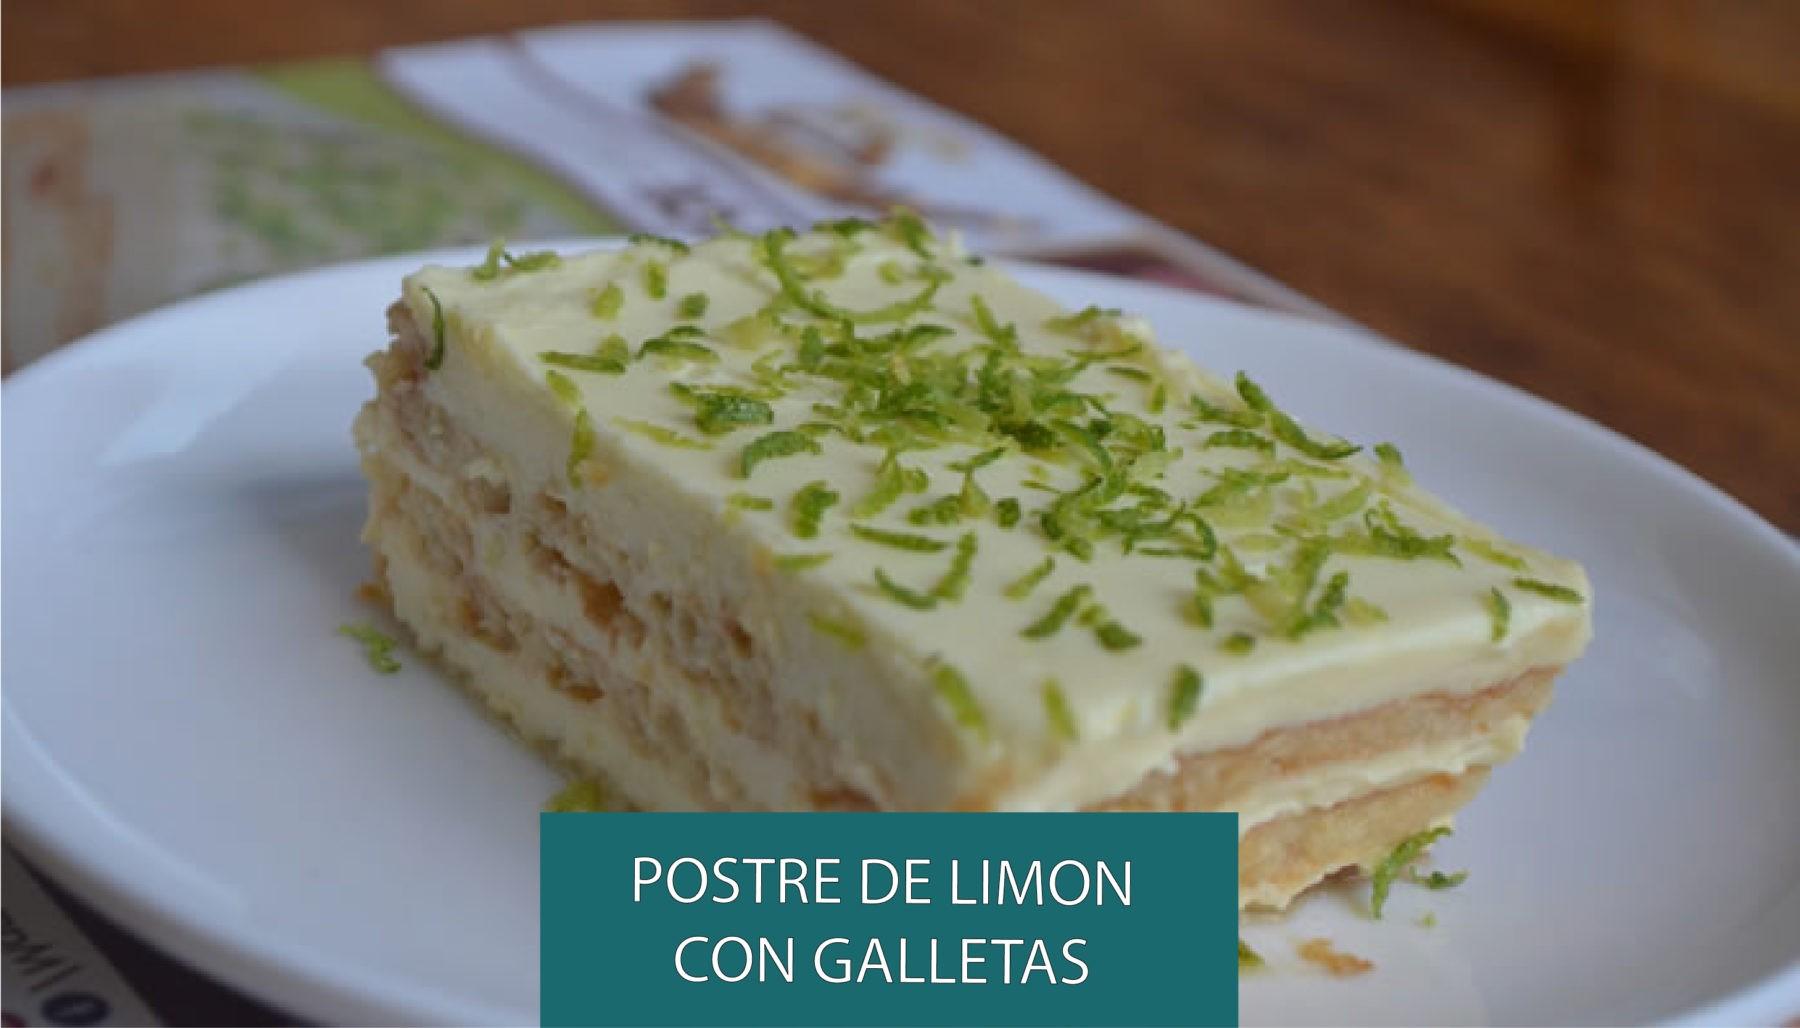 Receta De Postre De Limon Con Galletas Maria Recetas Vinzeta